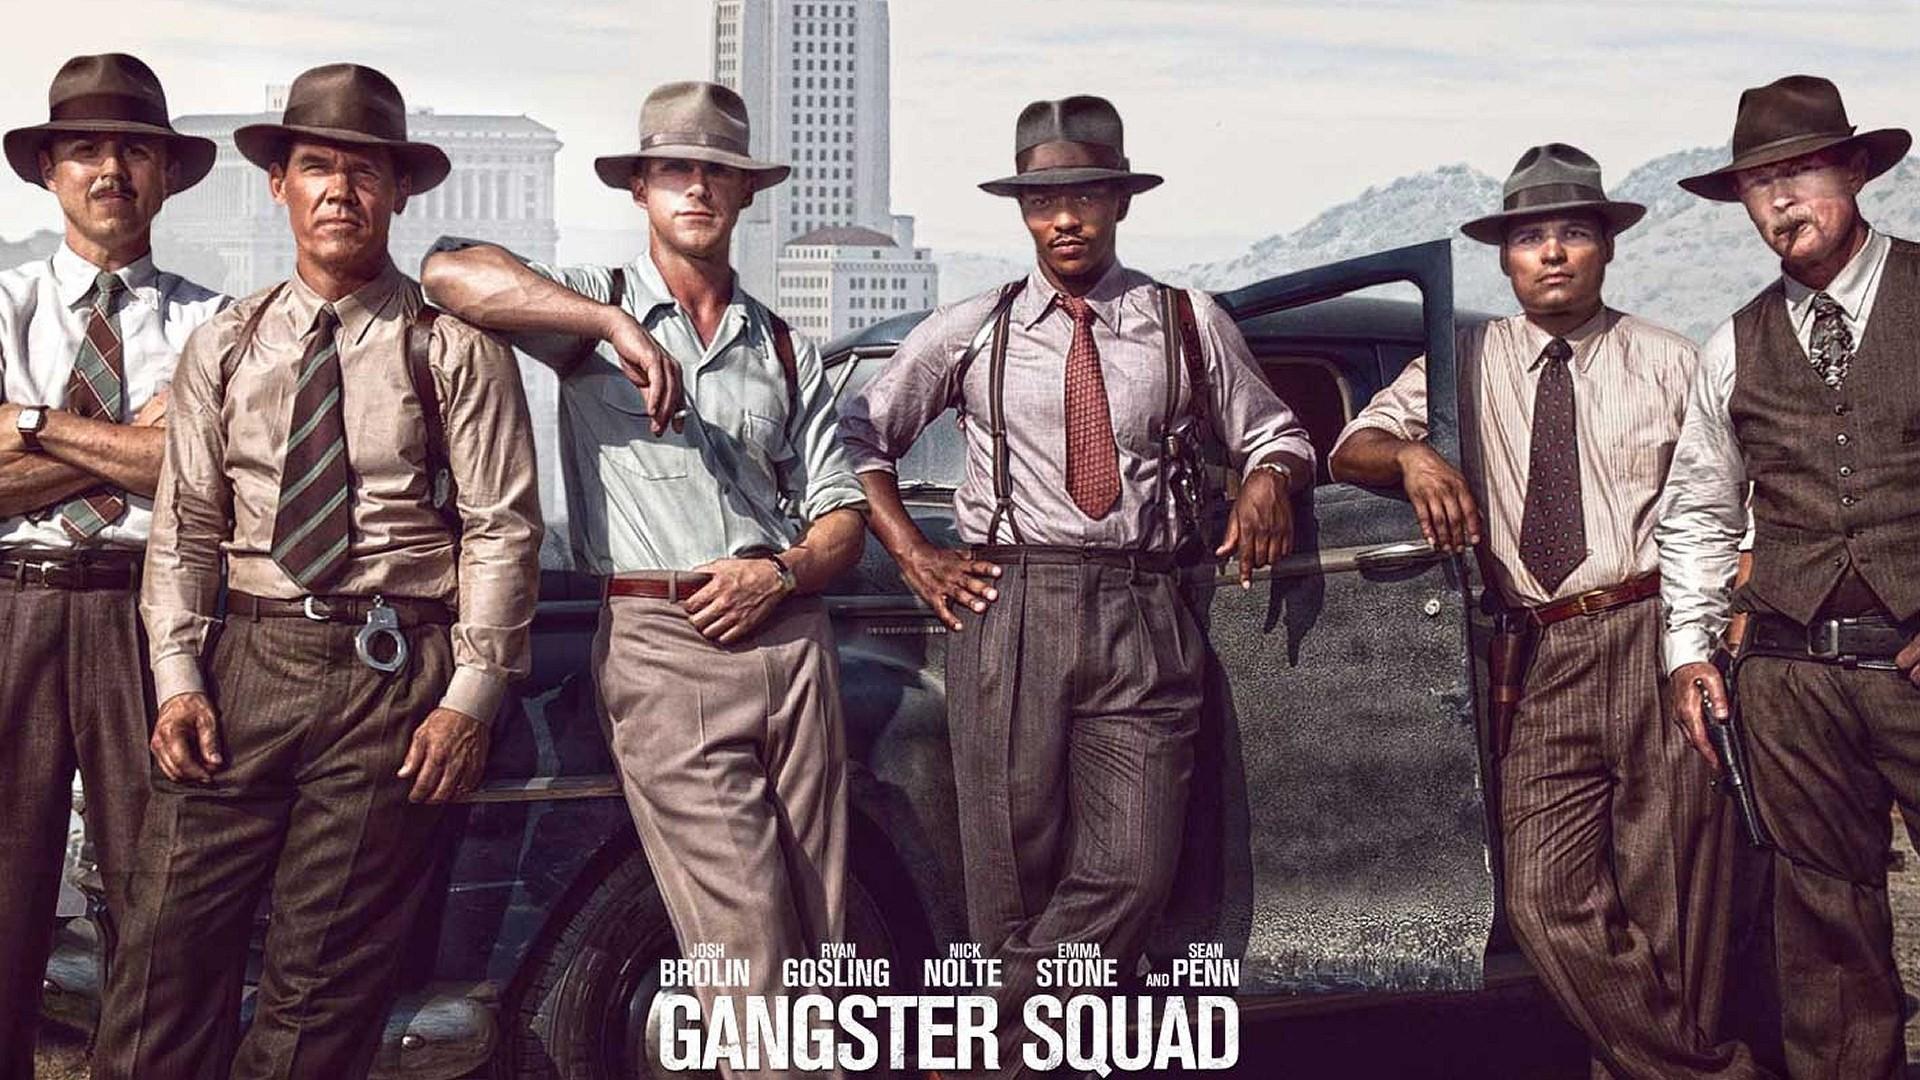 gangster hd widescreen wallpapers